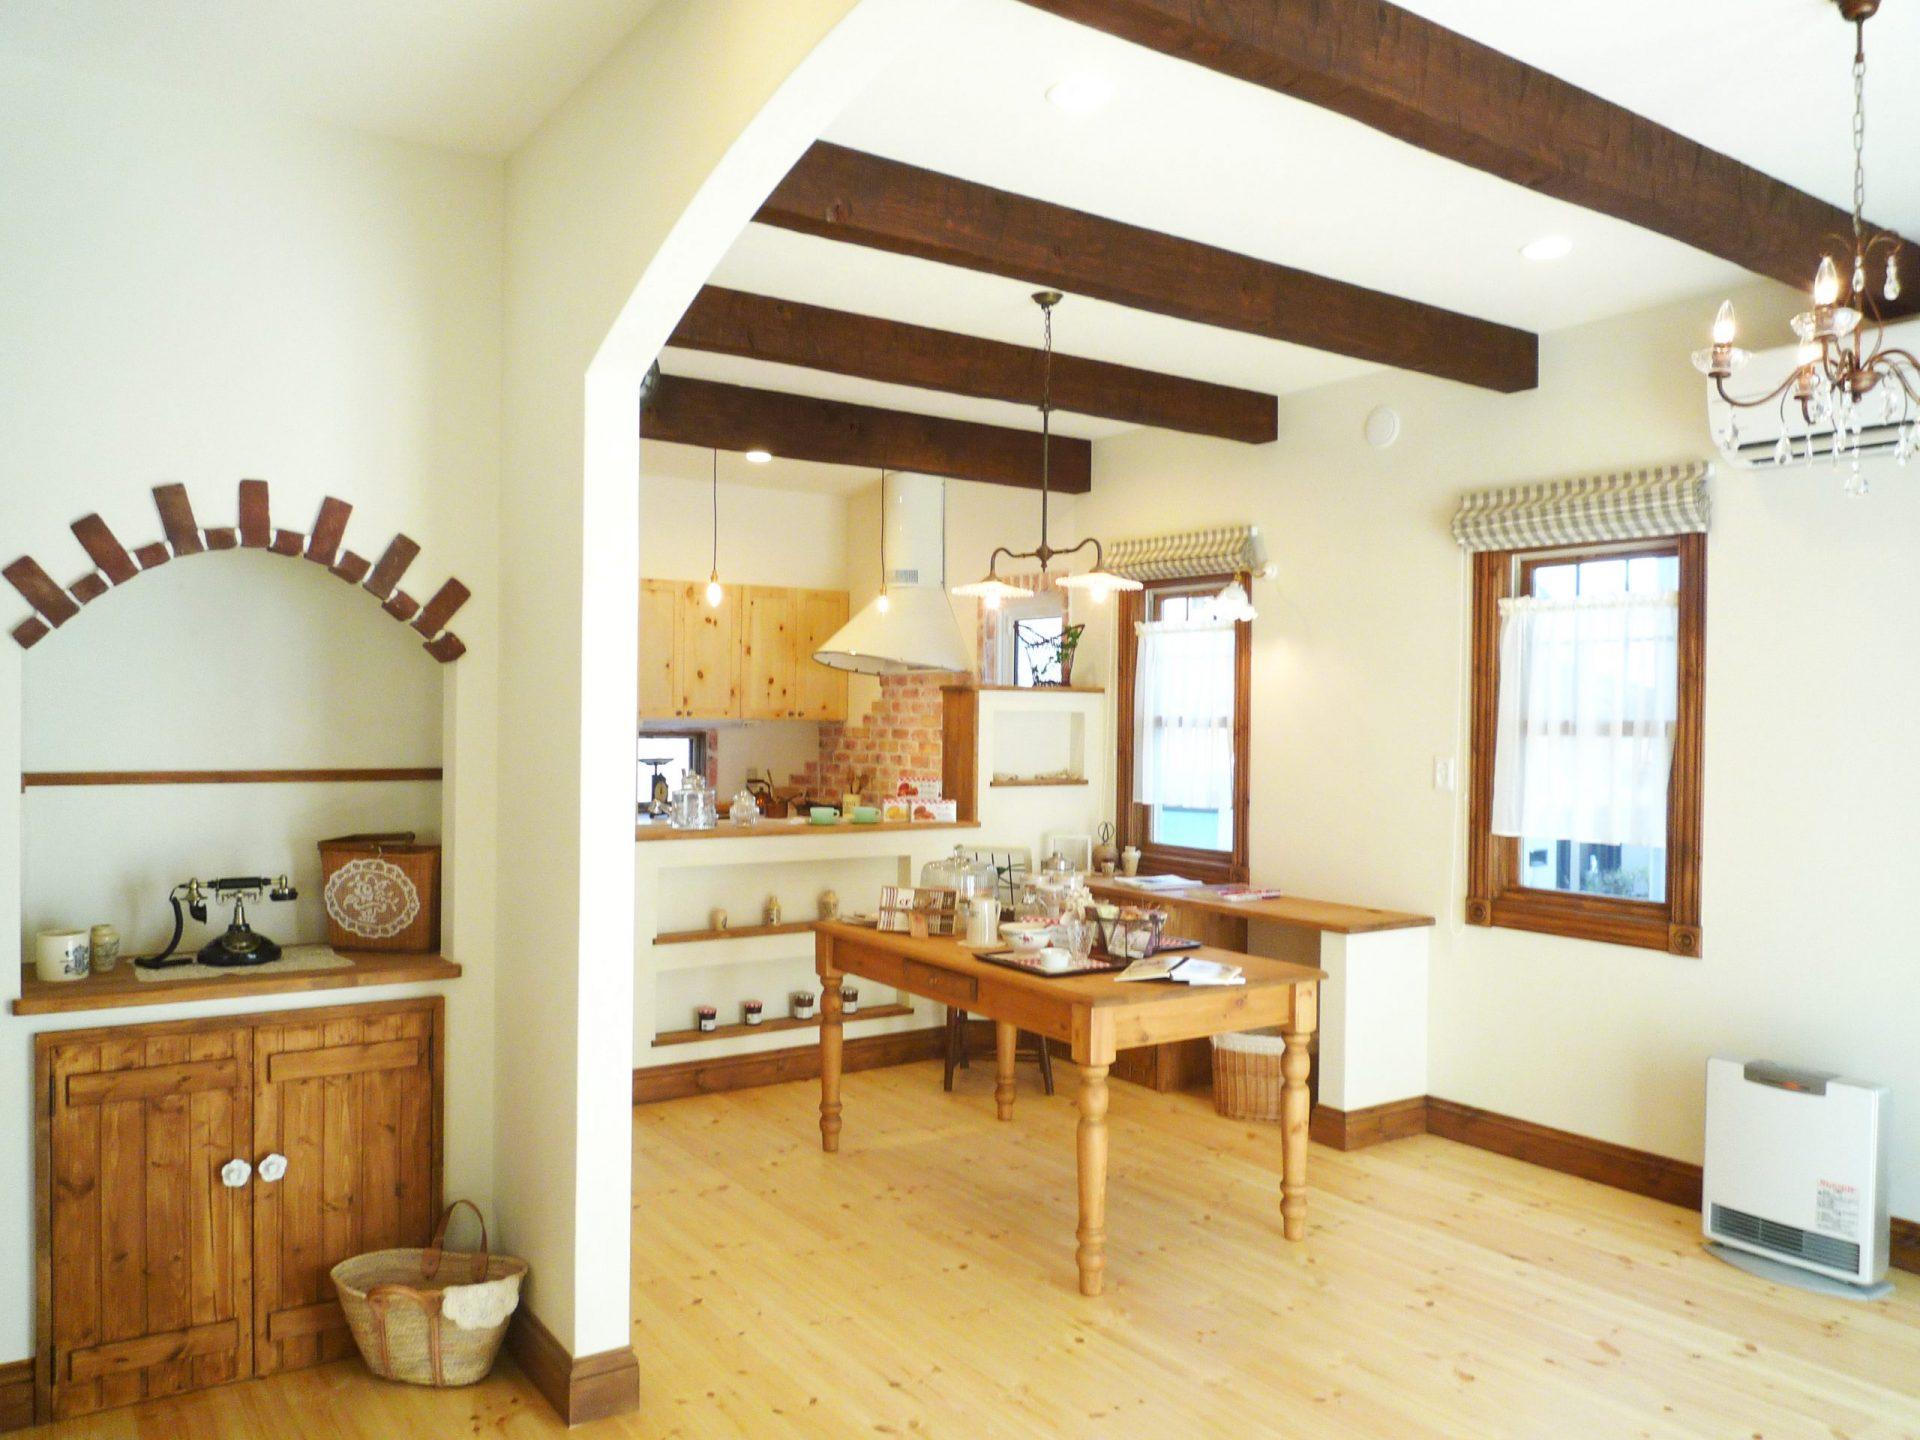 令和の子育て間取り実例|茨城の家事ラク新築に学ぶ